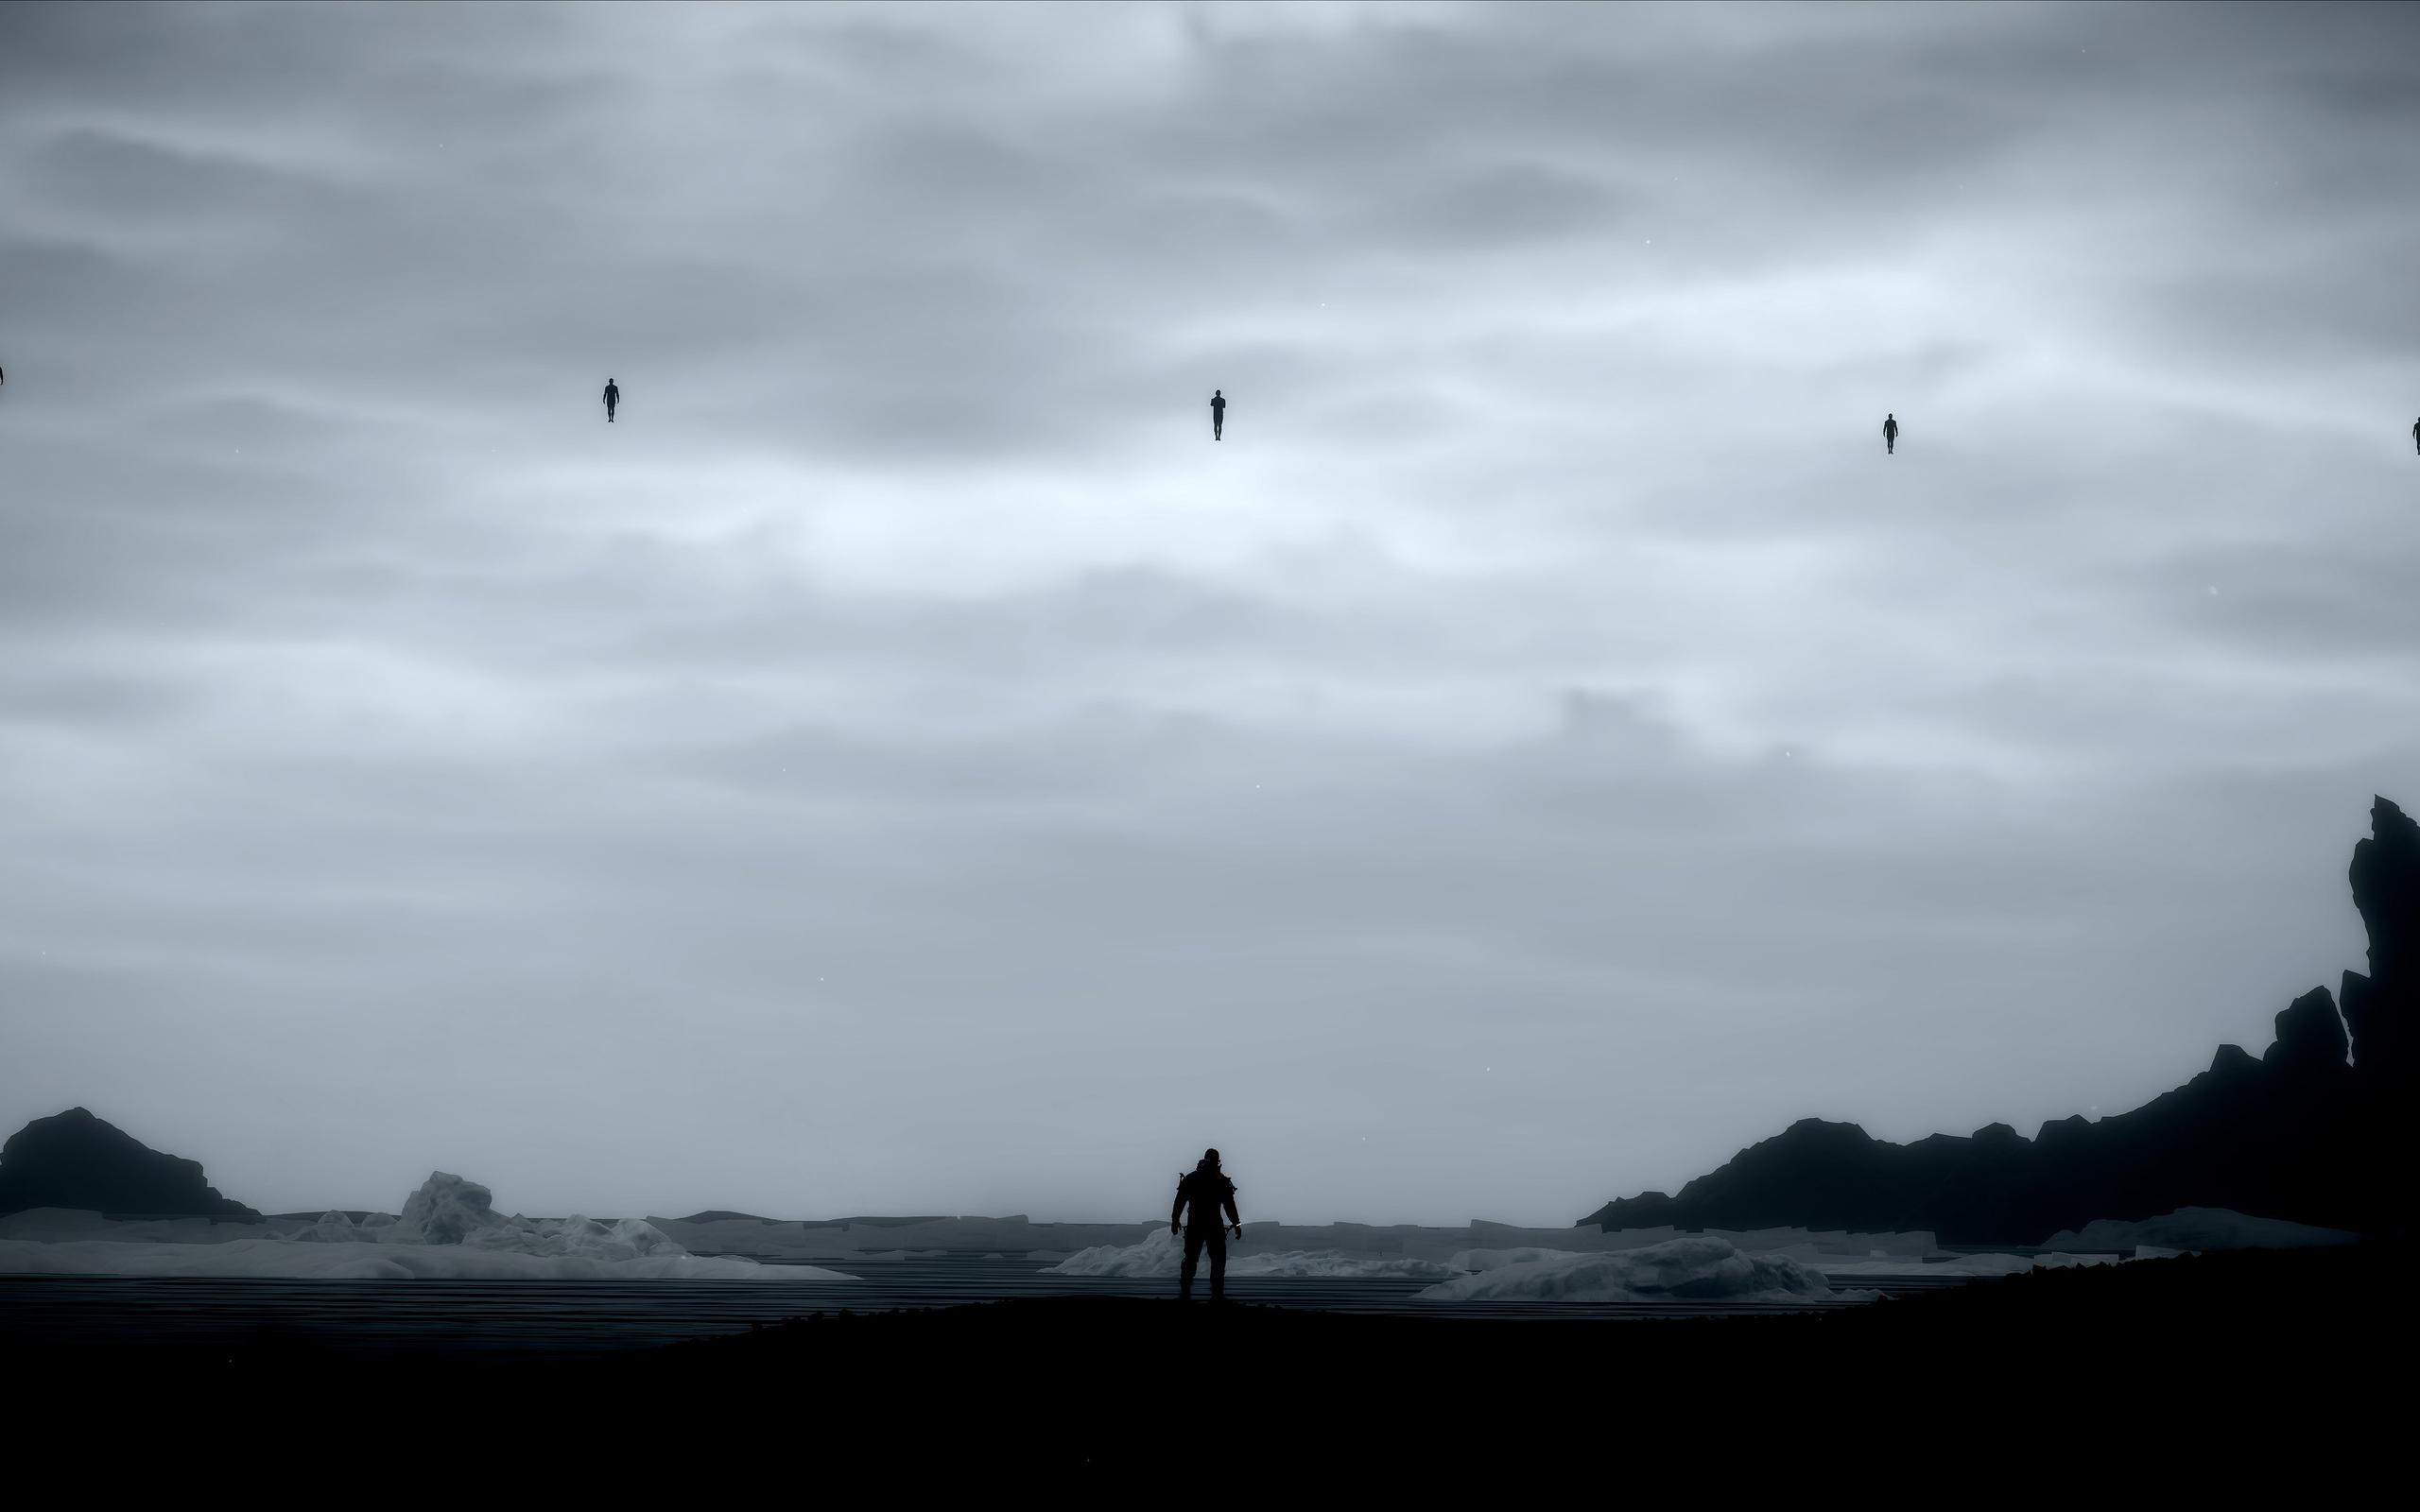 death-stranding-2021-game-4k-6p.jpg